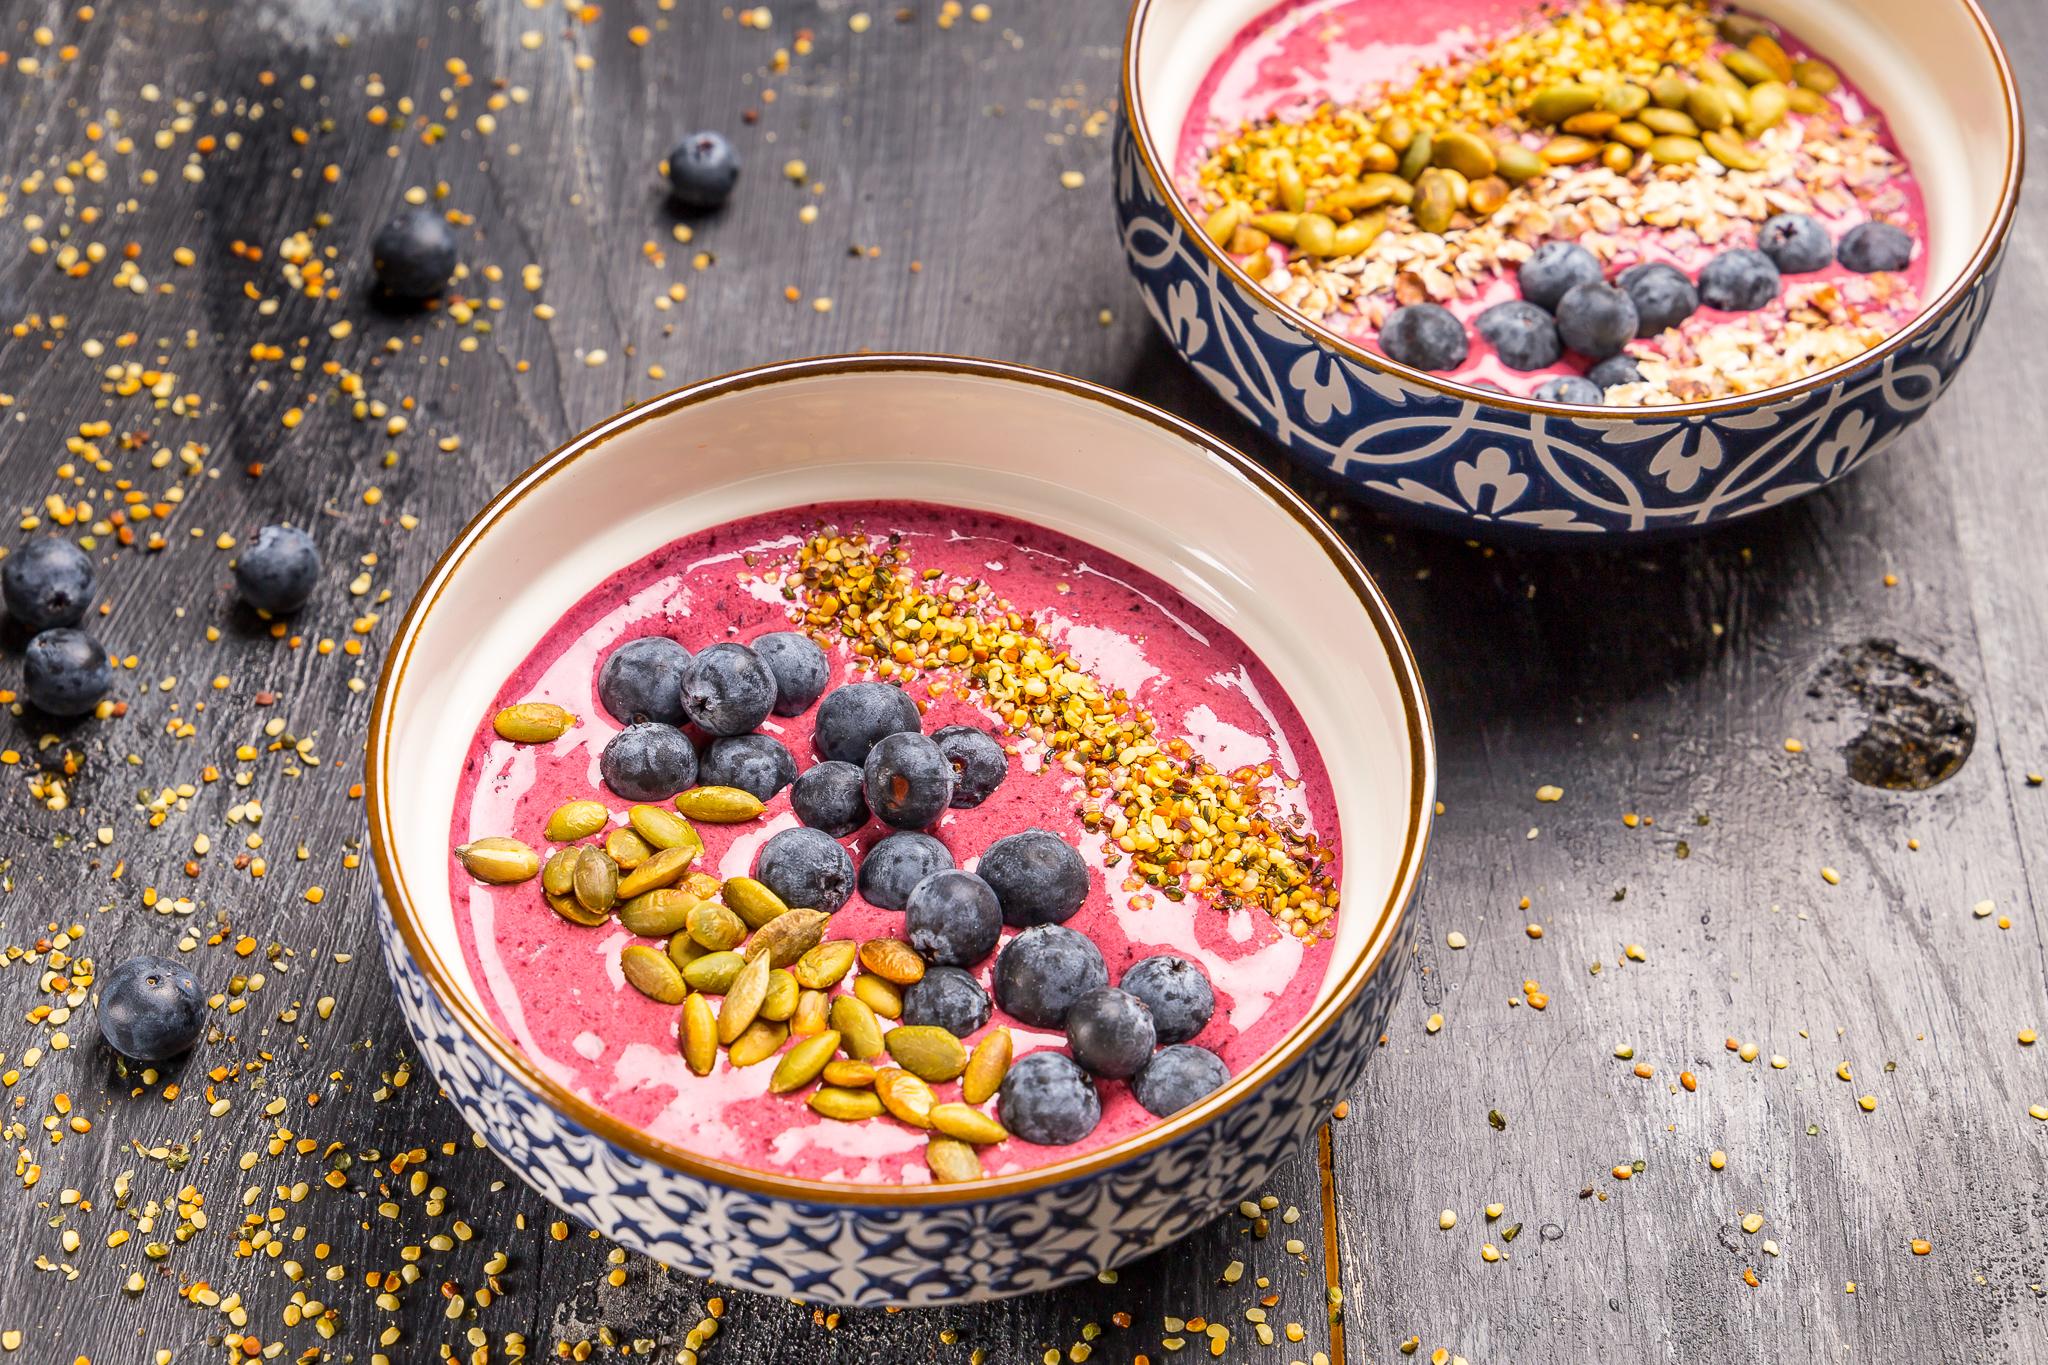 Acai bowl & smoothie bowl